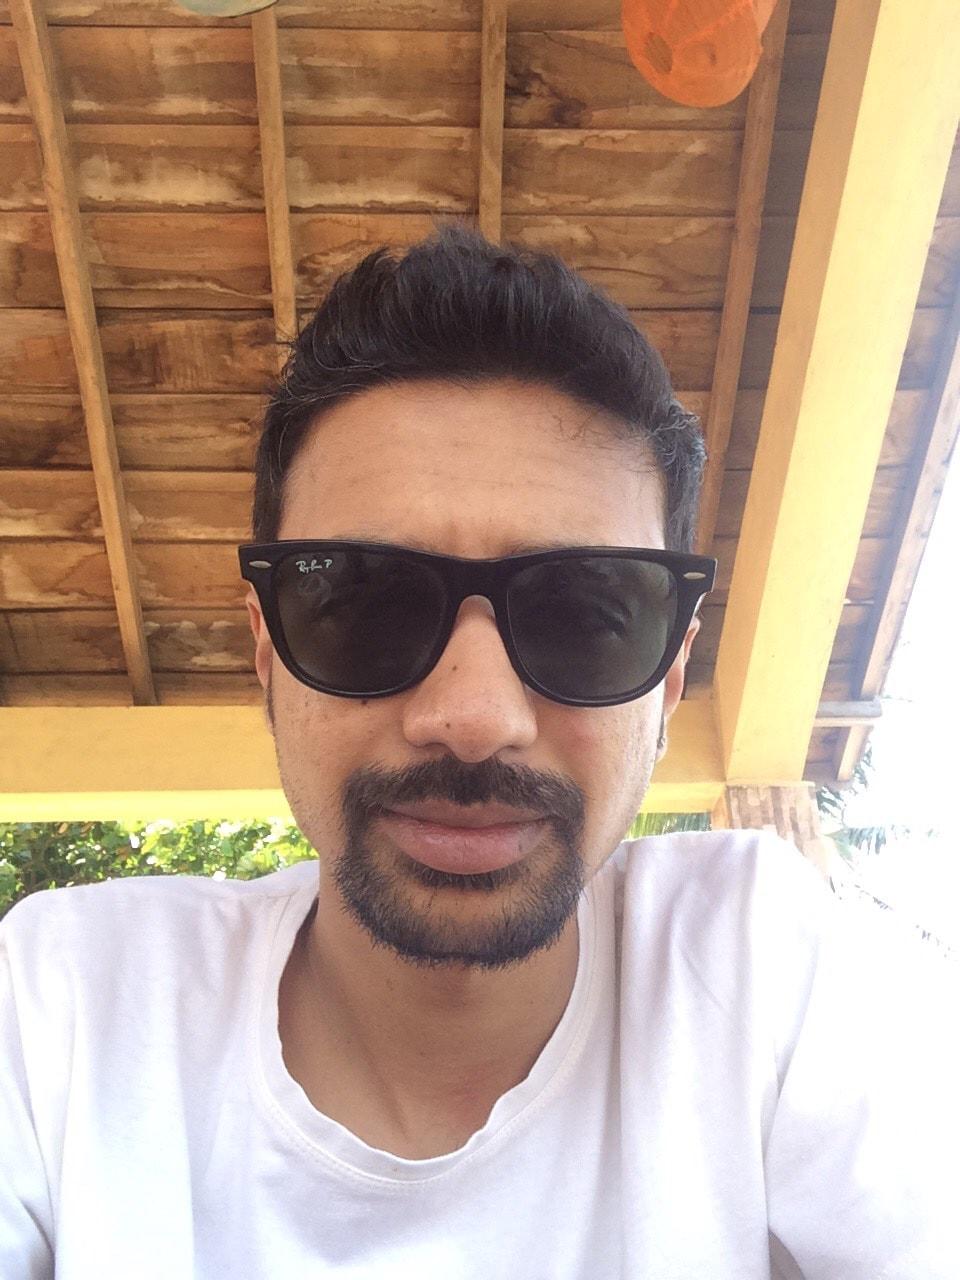 Siddharth from Mumbai